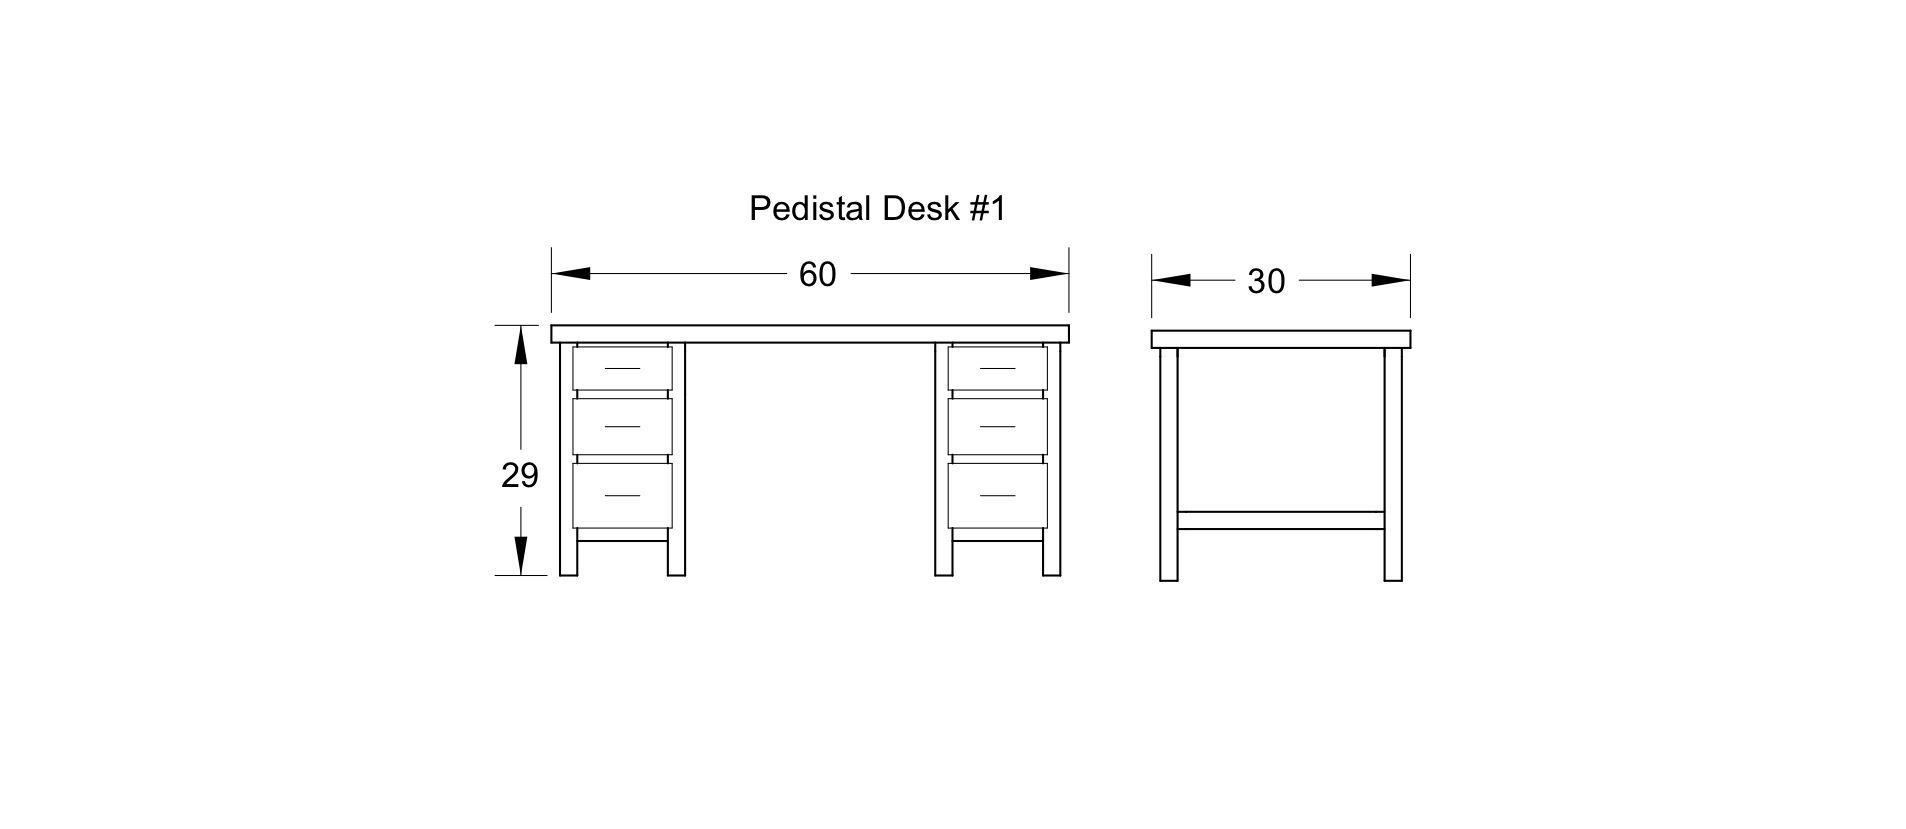 Pedistal Desk #1.png